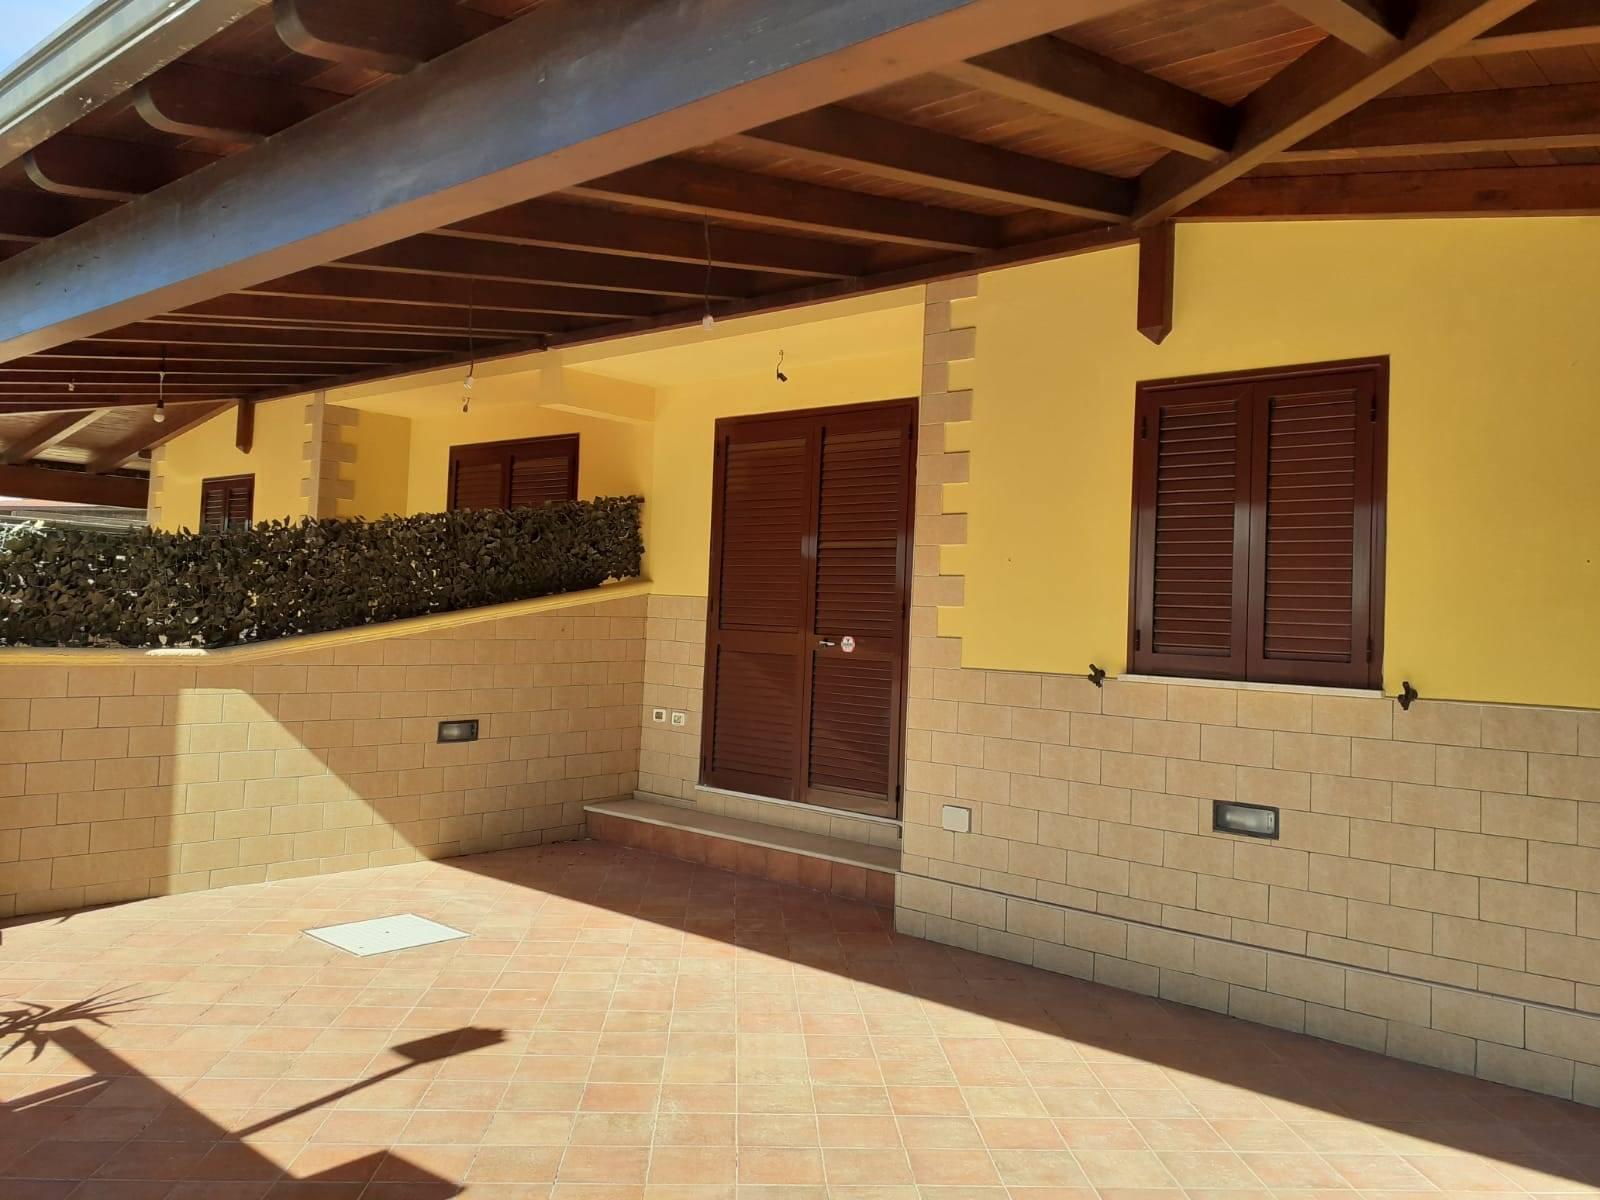 Soluzione Indipendente in vendita a Manduria, 3 locali, zona Zona: San Pietro in Bevagna, prezzo € 100.000 | CambioCasa.it